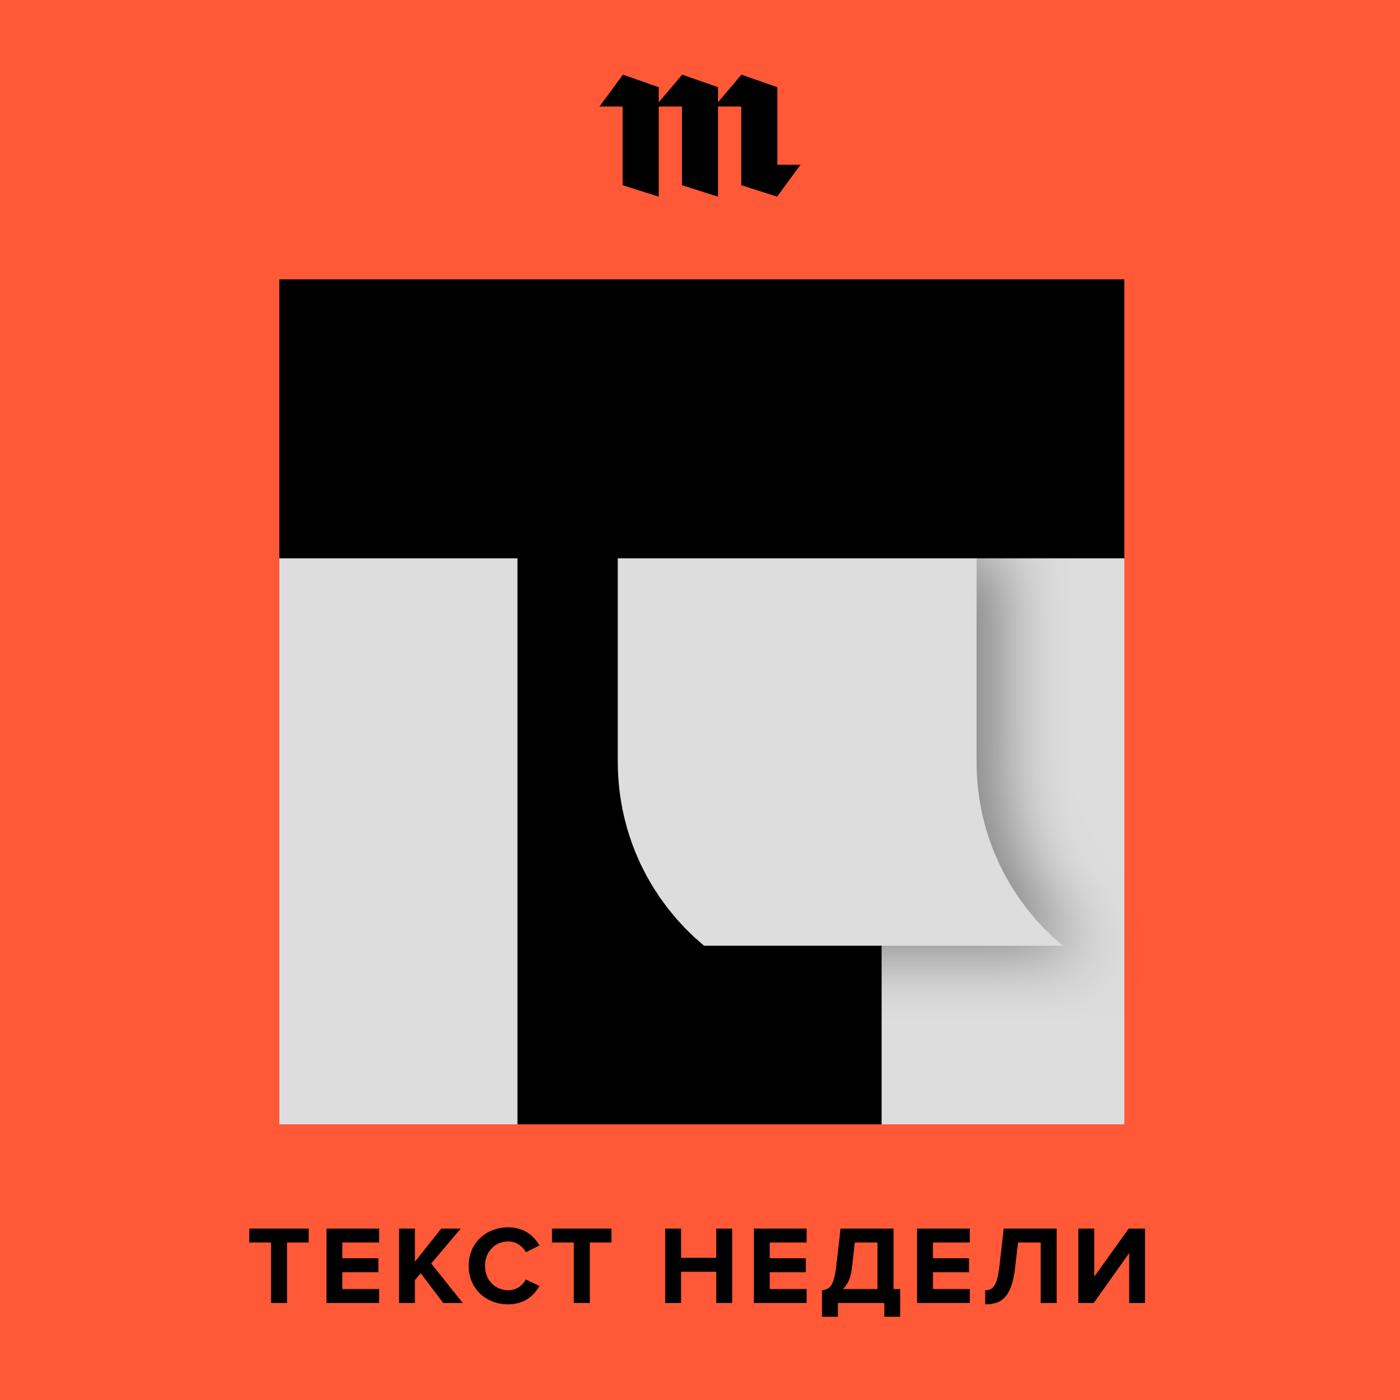 Айлика Кремер Как в России сажают за наркотики айлика кремер что такое ненастоящие изнасилования